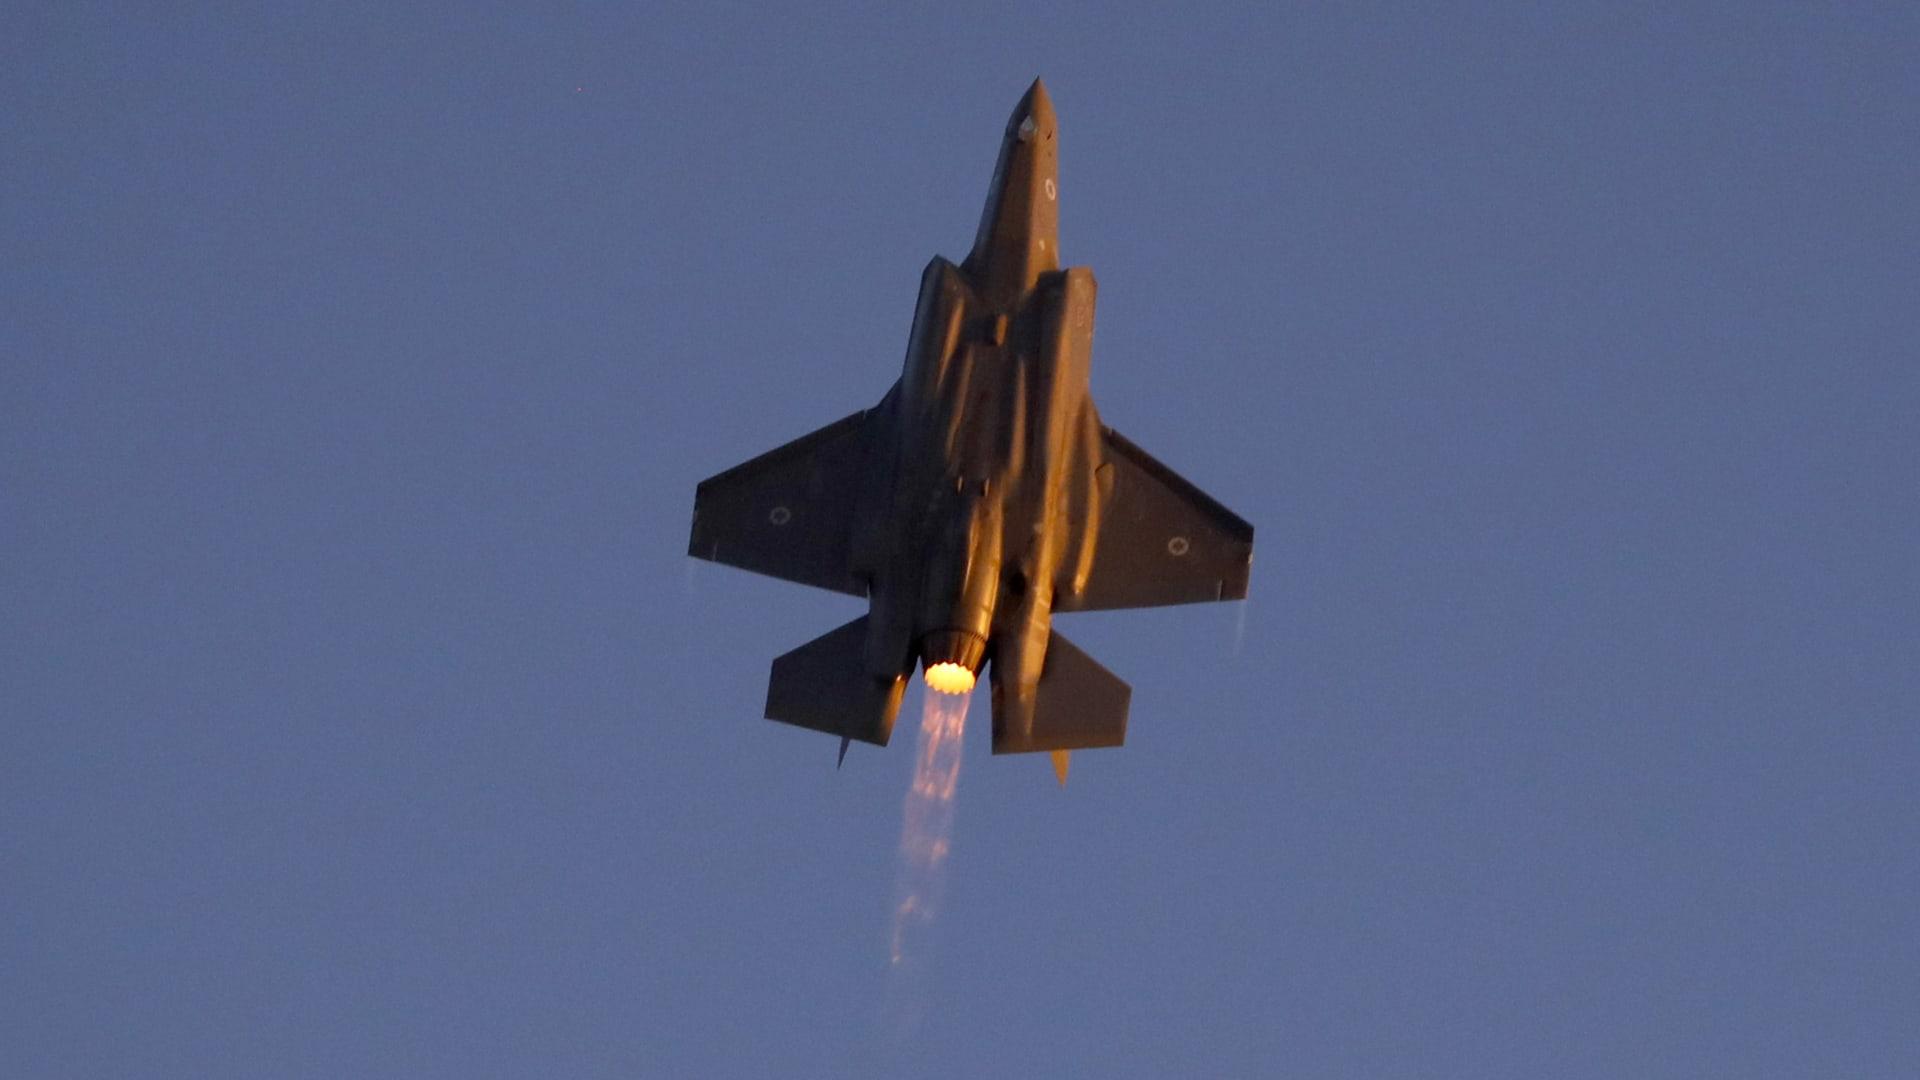 الإمارات: أنهينا خطابات الاتفاق على صفقة شراء مقاتلات F-35 في آخر يوم لحكم ترامب